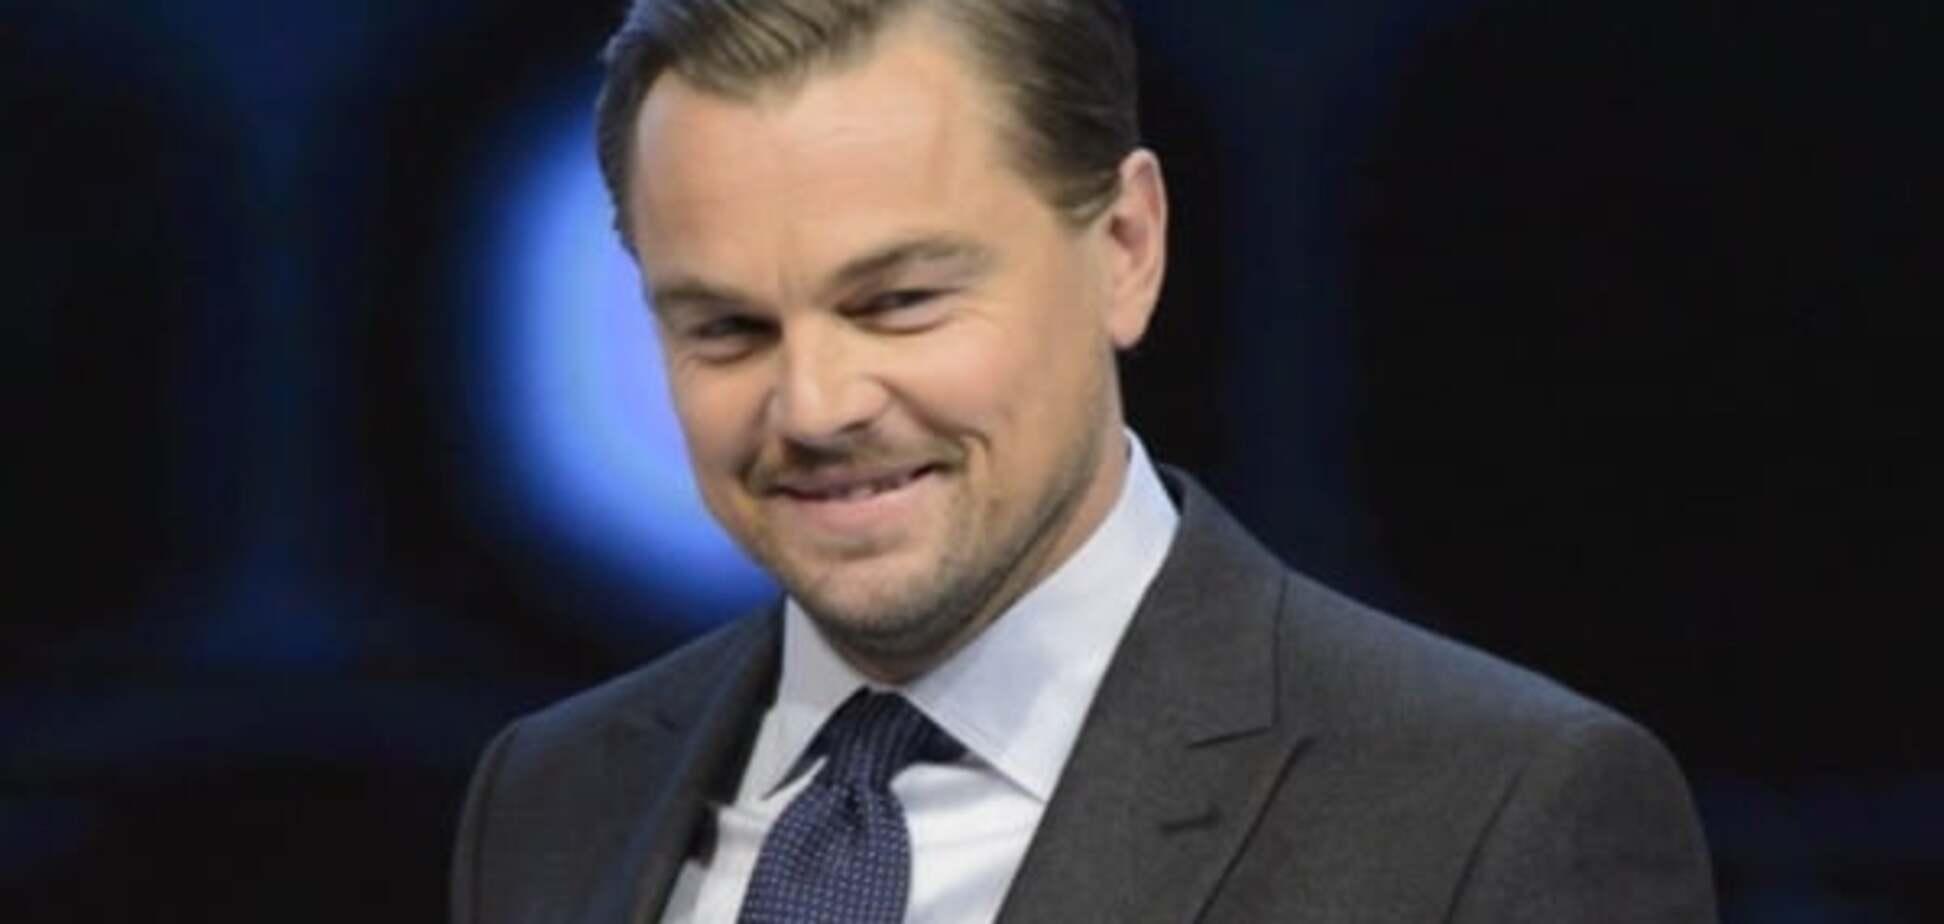 Це 'Оскар': українці 'нагородили' ДіКапріо бажаною премією